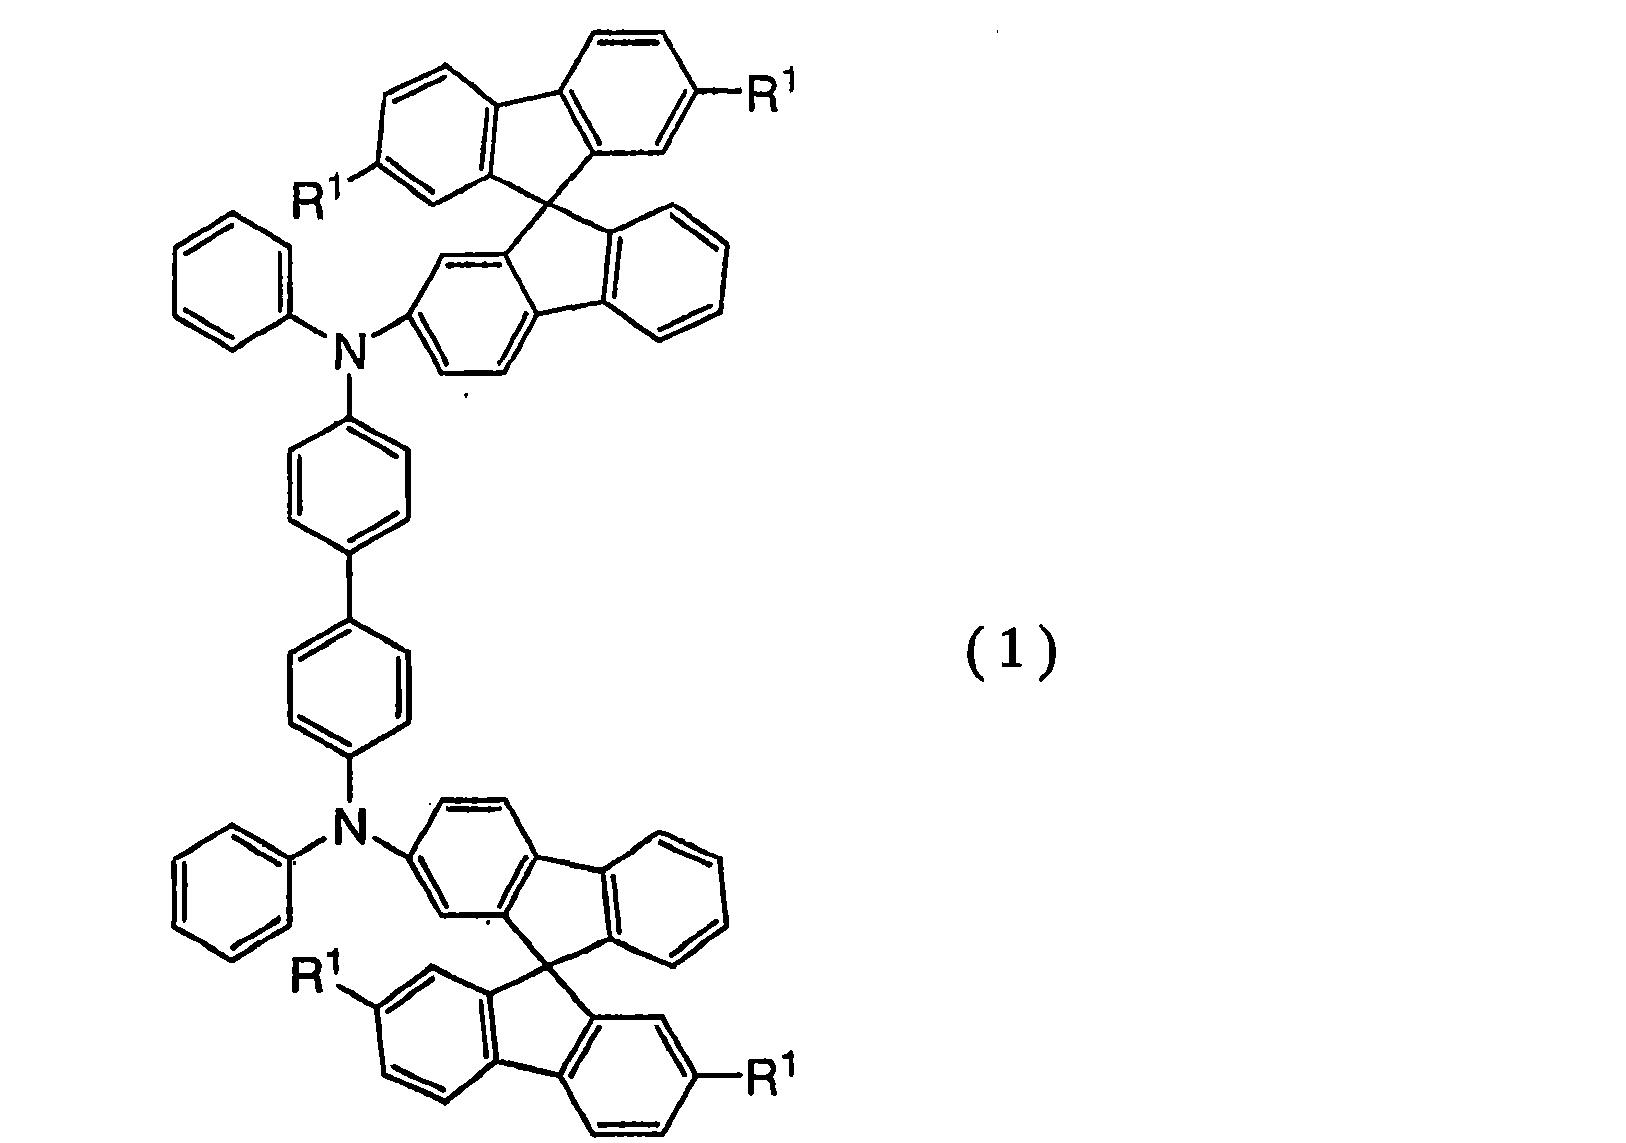 [0211] 在合成方案(a-)中,Rltl是氢或具有I到4个碳原子的烷基基团。此处优选的是,具有3或4个碳原子的烷基基团优选地处于支化状态。 [0212] 根据本发明的所述联苯胺衍生物可用作形成空穴输送层的材料,也就是空穴输送材料。 [0213] 根据本发明的联苯胺衍生物具有玻璃化转变温度满足150C或更大,优选160C或更大和300C或更小的特征,以及熔点满足180C或更大和400C或更小的特征。 [0214] 由于根据本发明的联苯胺衍生物具有优异的耐热性,通过利用根据本发明的联苯胺衍生物